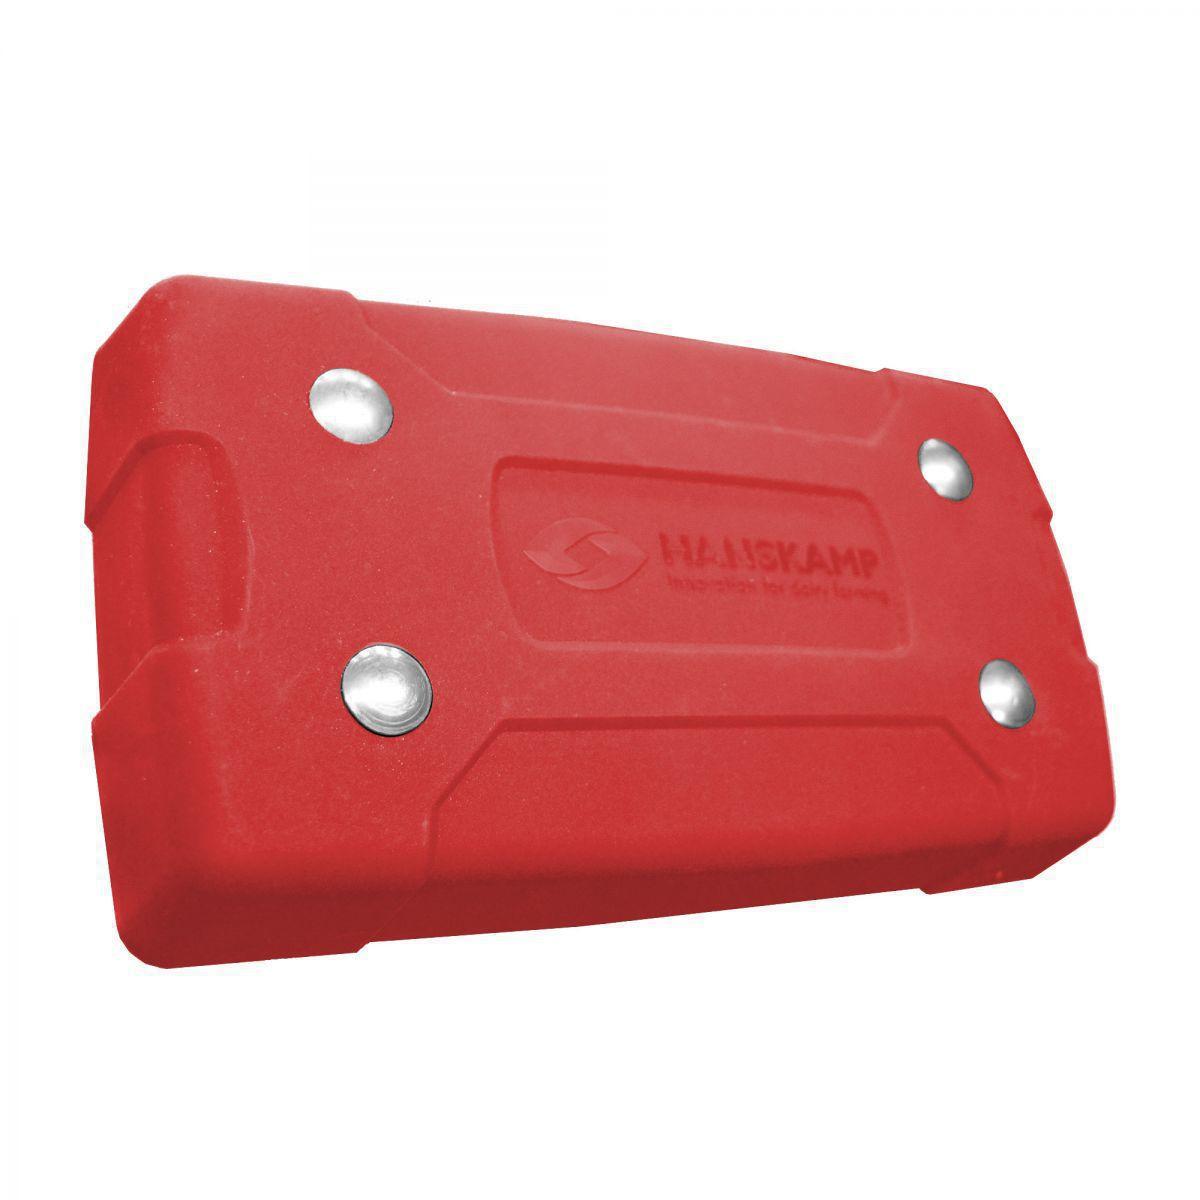 spiderantenna 1342 khz red